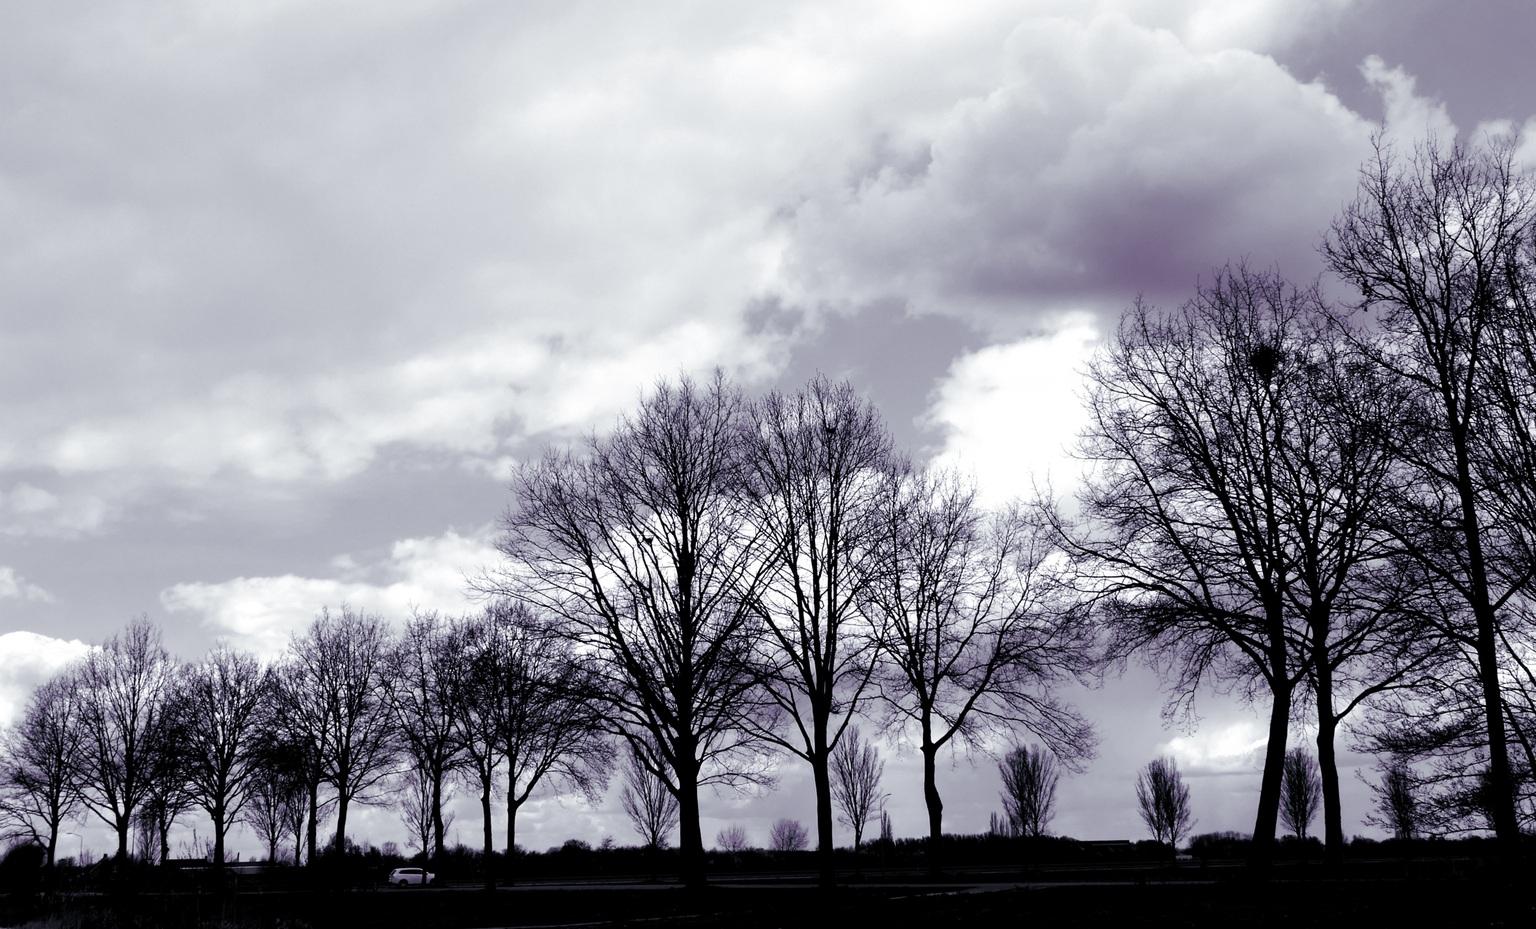 Moody - Rondje om huis  - foto door Ingridpronk op 14-04-2021 - locatie: Oss, Nederland - deze foto bevat: wolk, lucht, atmosfeer, fabriek, natuur, boom, zwart, afdeling, natuurlijk landschap, grijs